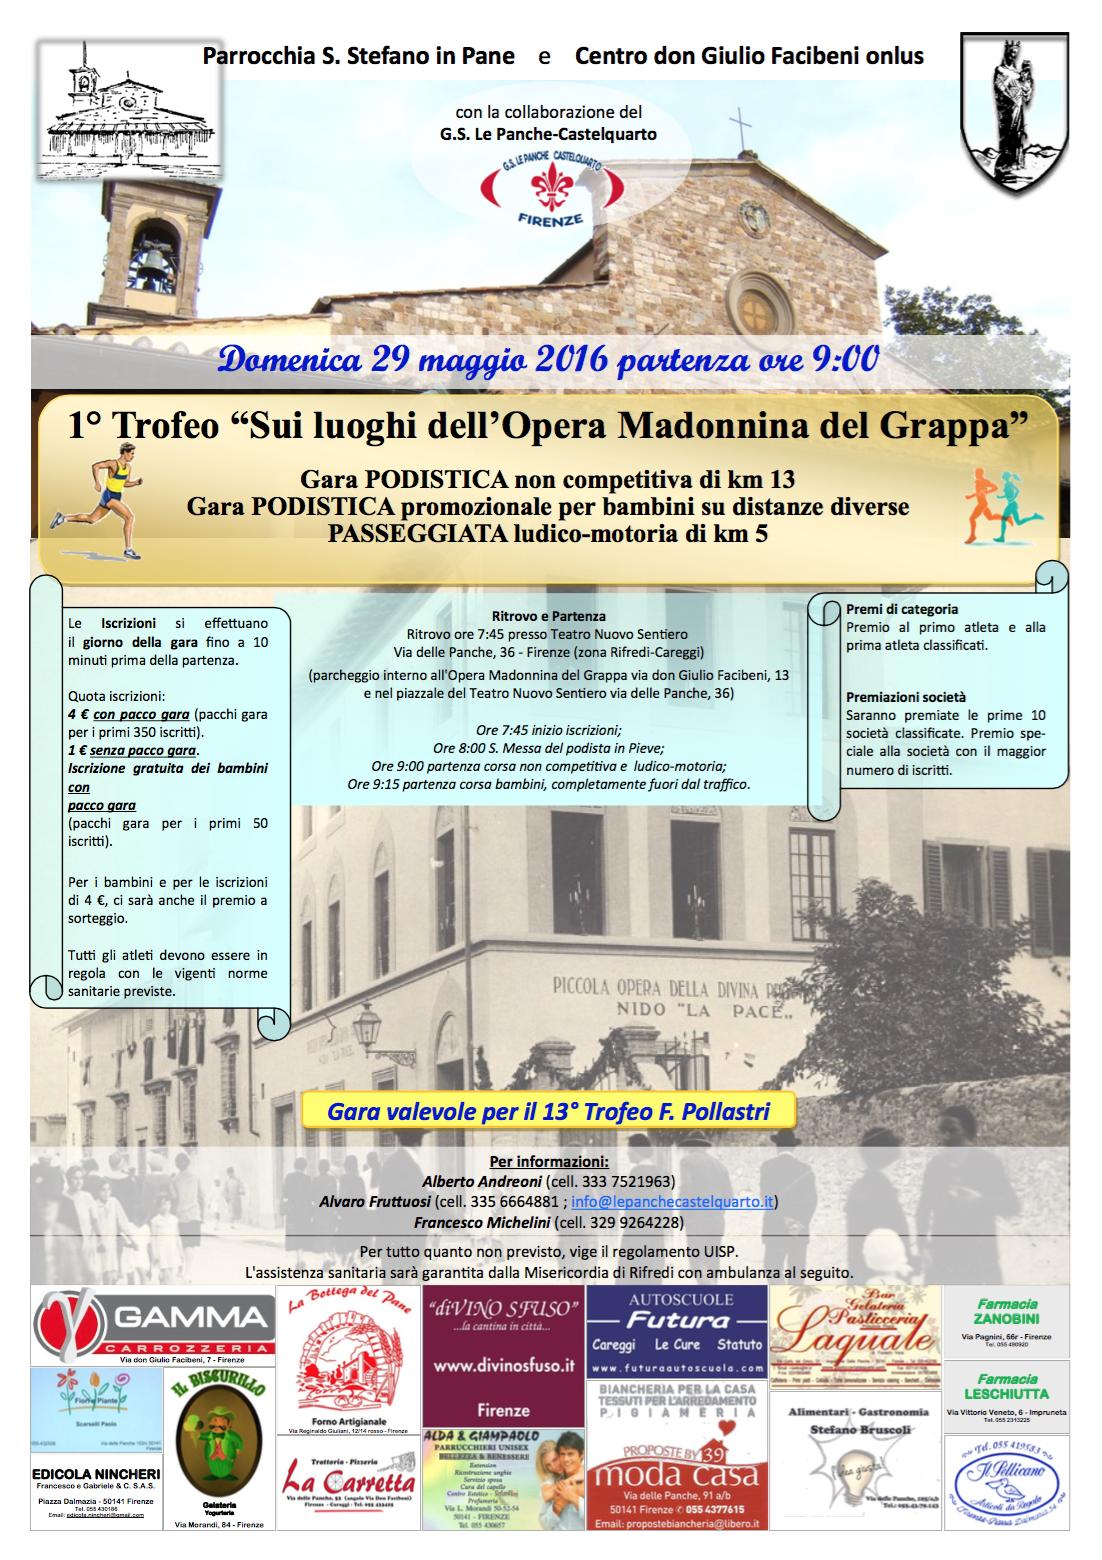 Gs Le Panche Castelquarto.1 Trofeo Sui Luoghi Dell Opera Madonnina Del Grappa La Terrazza